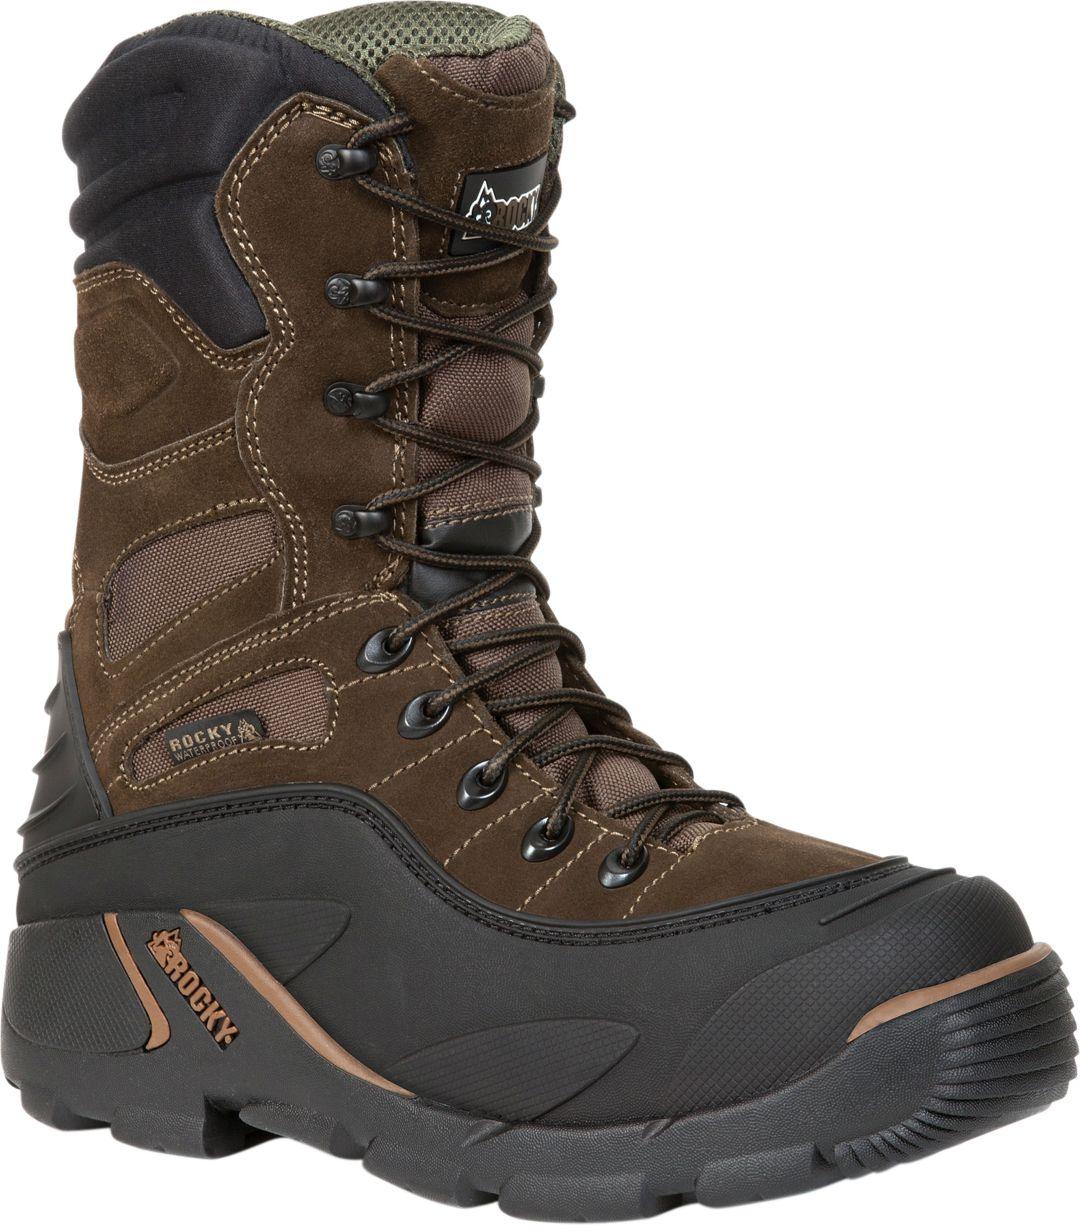 34a511a8a85 Rocky Men's Blizzard Stalker Pro Waterproof 1200g Winter Boots